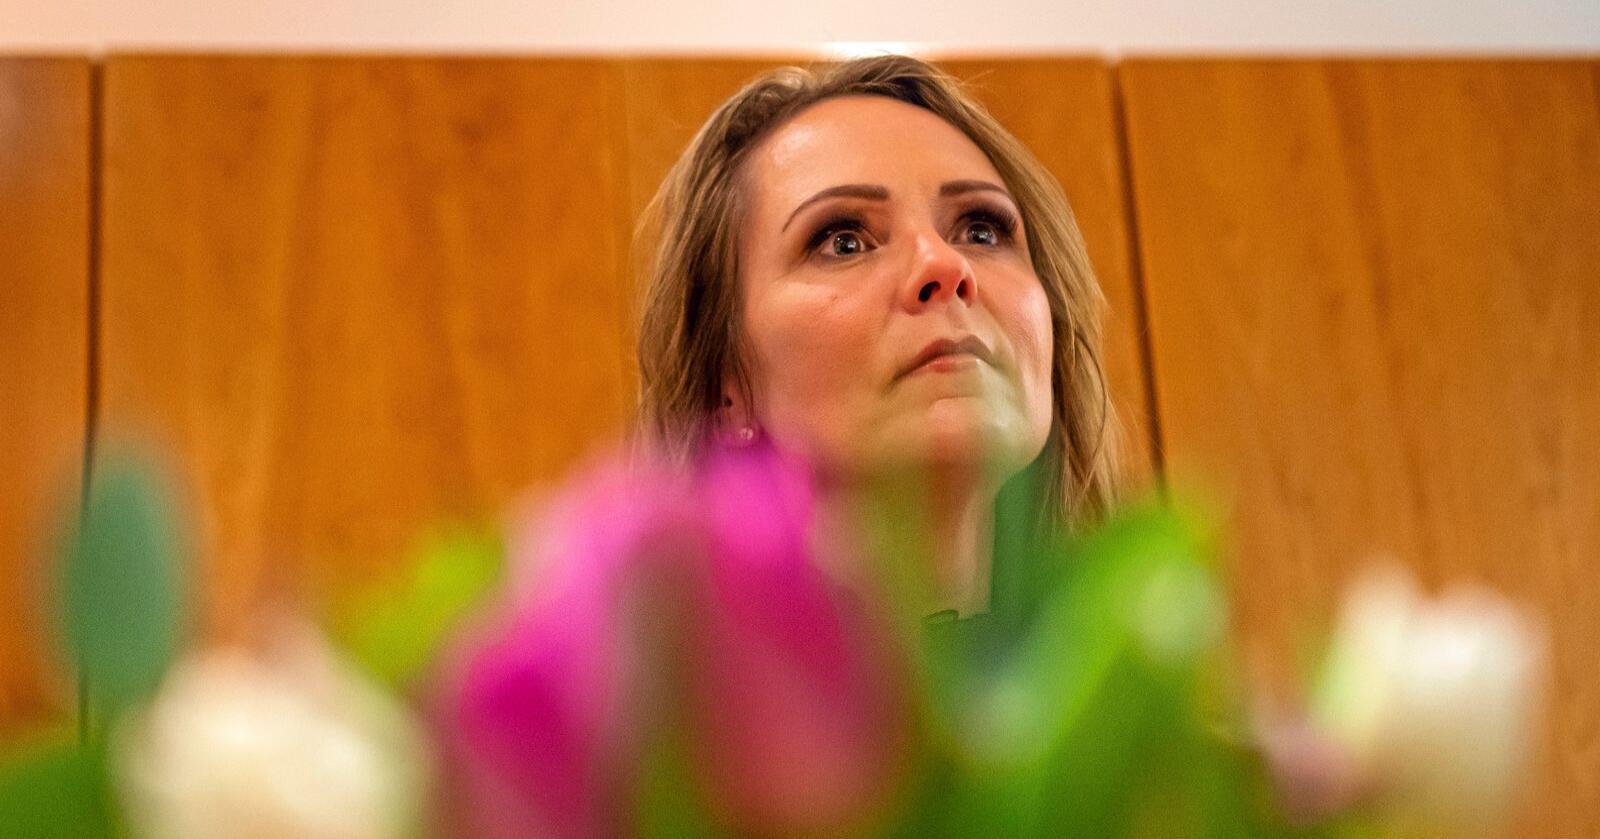 Minister for distriktene: Linda Hofstad Helleland (H) er distriktsminister. Da er det på tide at hun og resten av regjeringen ser mer enn bare byene. Foto: Fredrik Varfjell / NTB scanpix